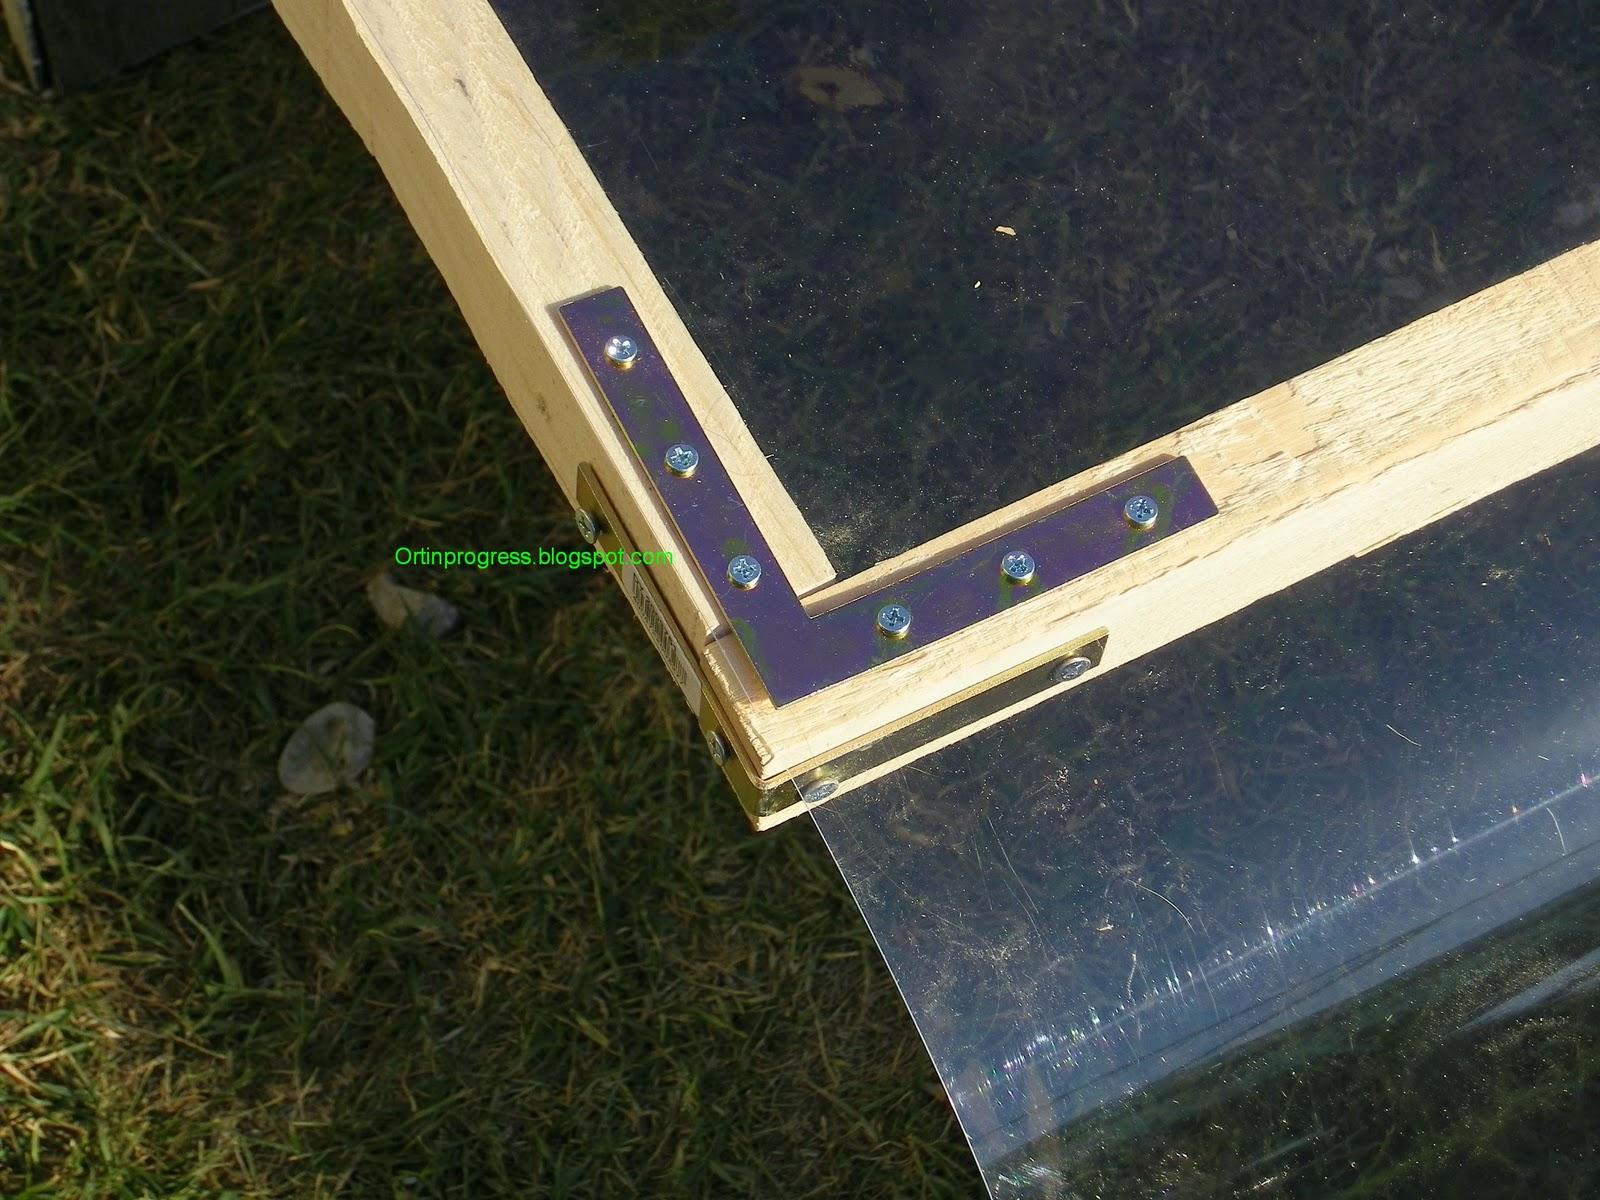 Orti in progress come costruire una serra nel sottoscala for Costruire serra legno